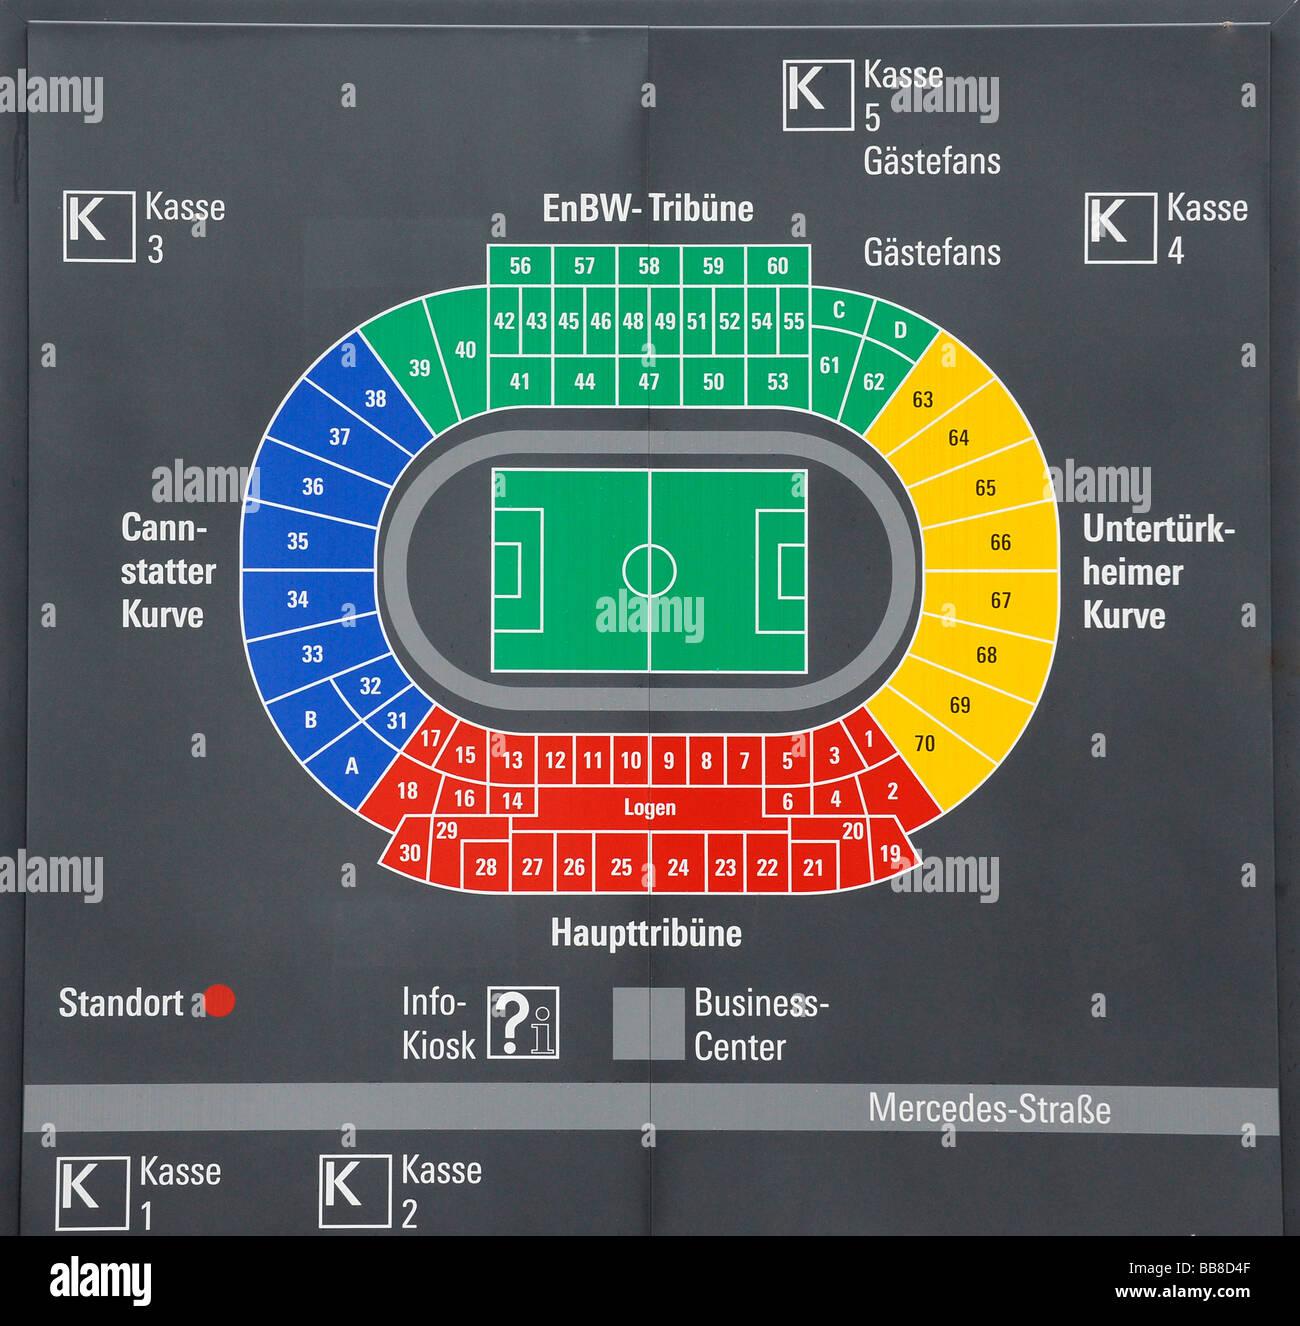 vfb stadion sitzplan